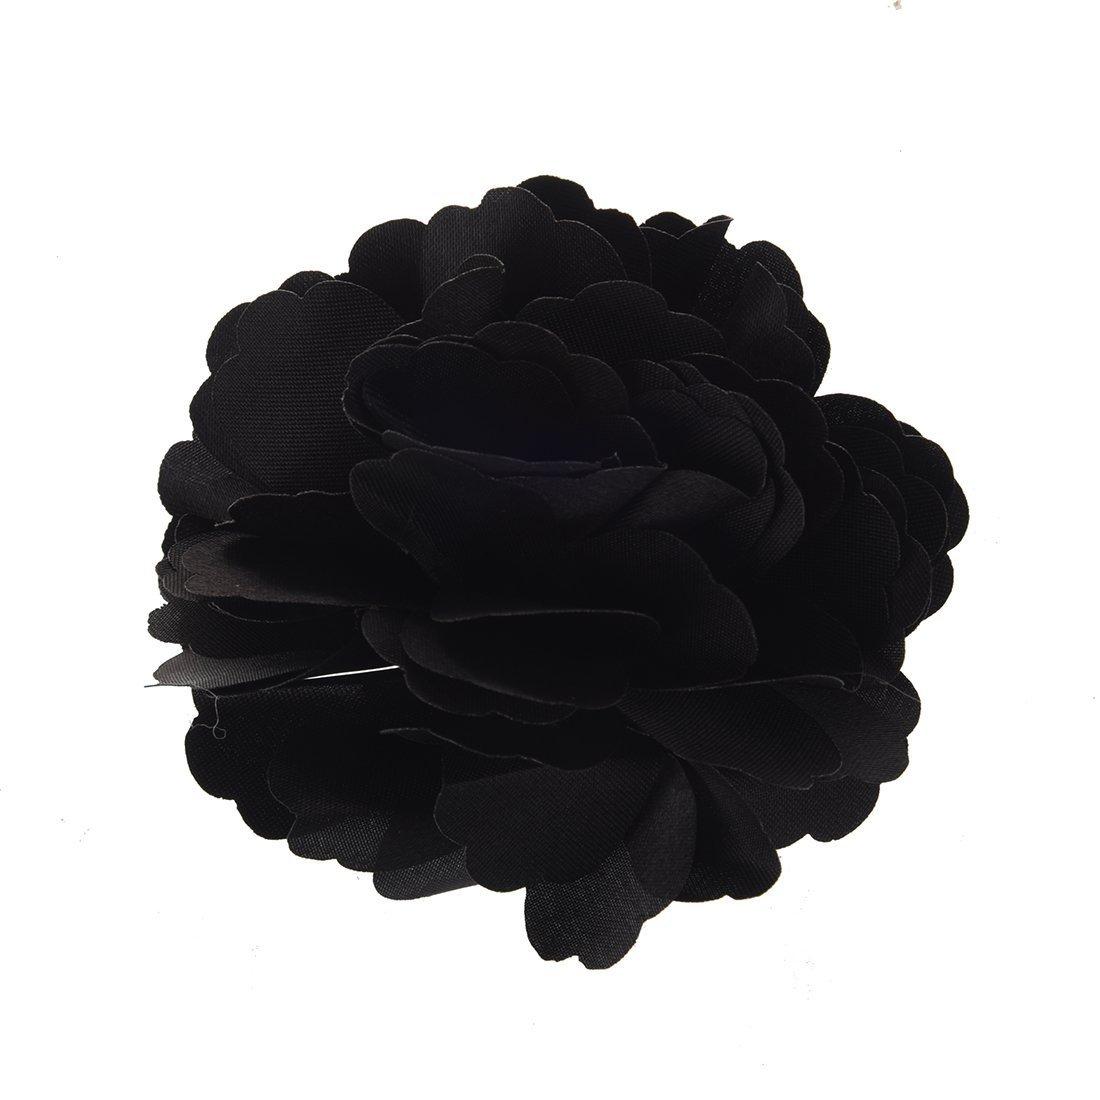 SODIAL(R) Seda pelo de la flor broche de la boda Ramillete clip de la flor 8 cm Broche Accesorios - Negro 010133C0